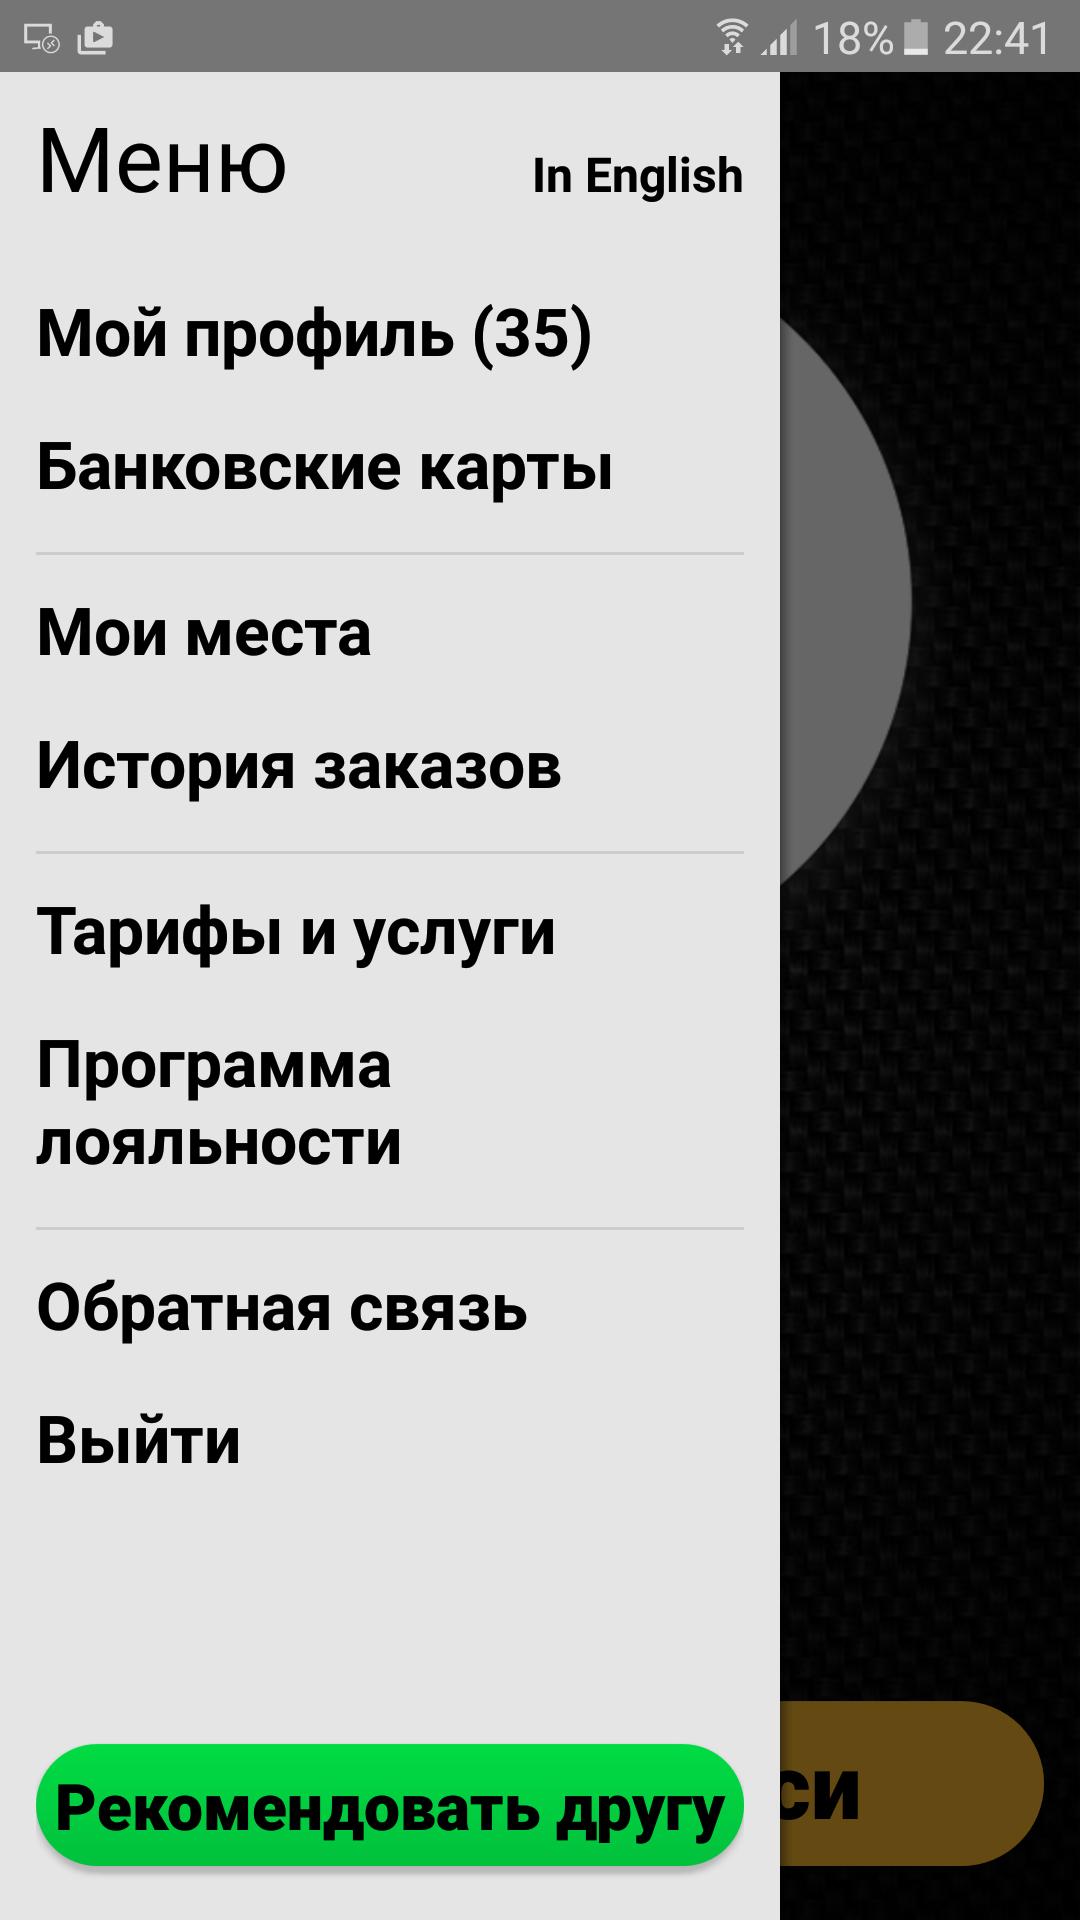 Бесплатная поездка до 7 руб. от Taxi Gold 7585